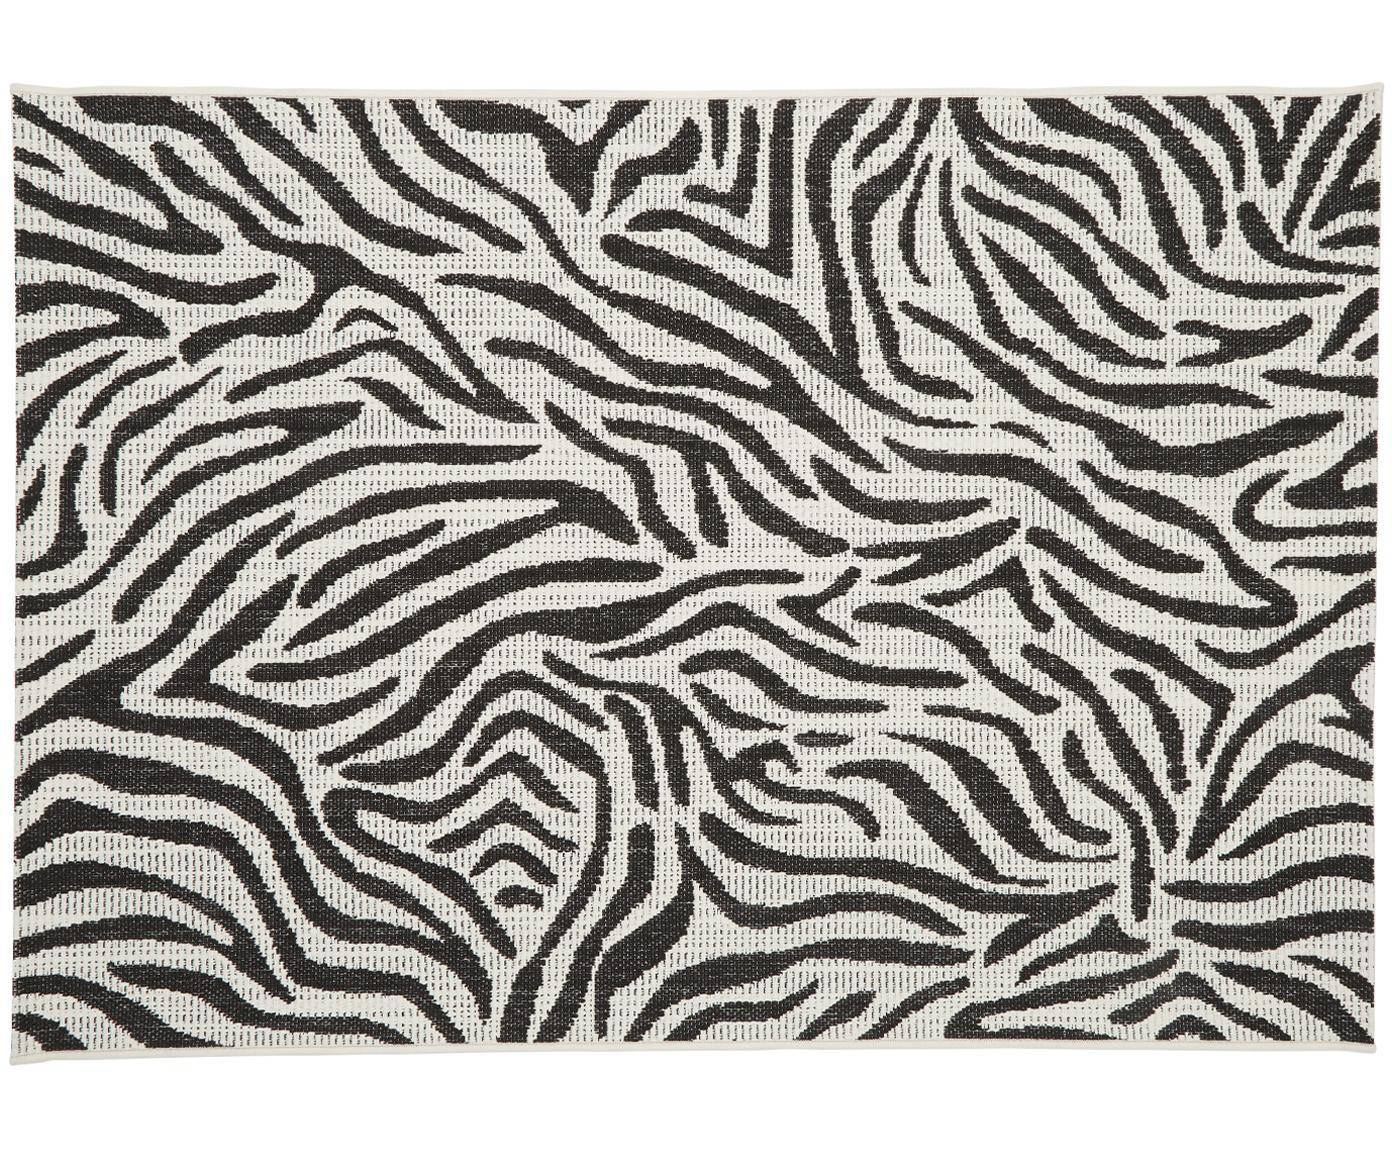 In- & Outdoor-Teppich Exotic mit Zebra Print, Flor: 100% Polypropylen, Cremeweiß, Schwarz, B 120 x L 170 cm (Größe S)